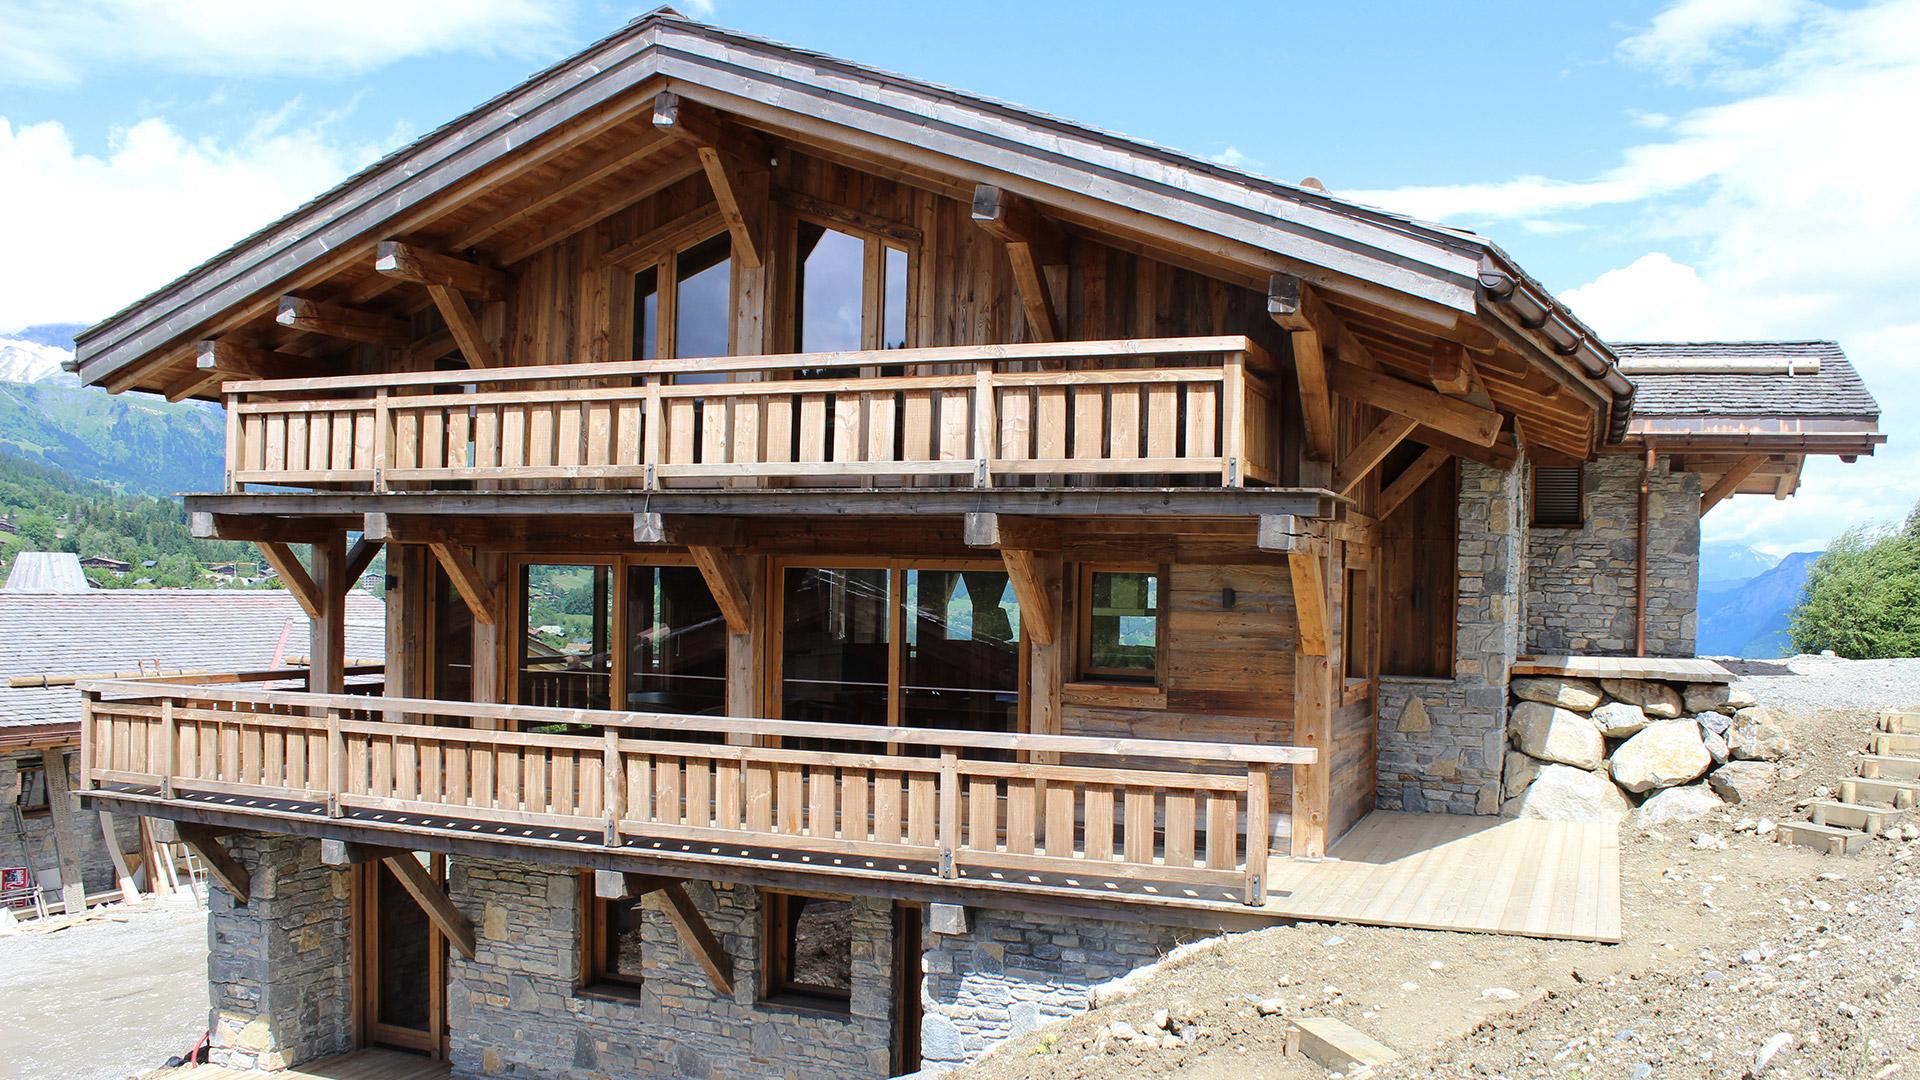 Les Jumeaux Chalets Chalet, France